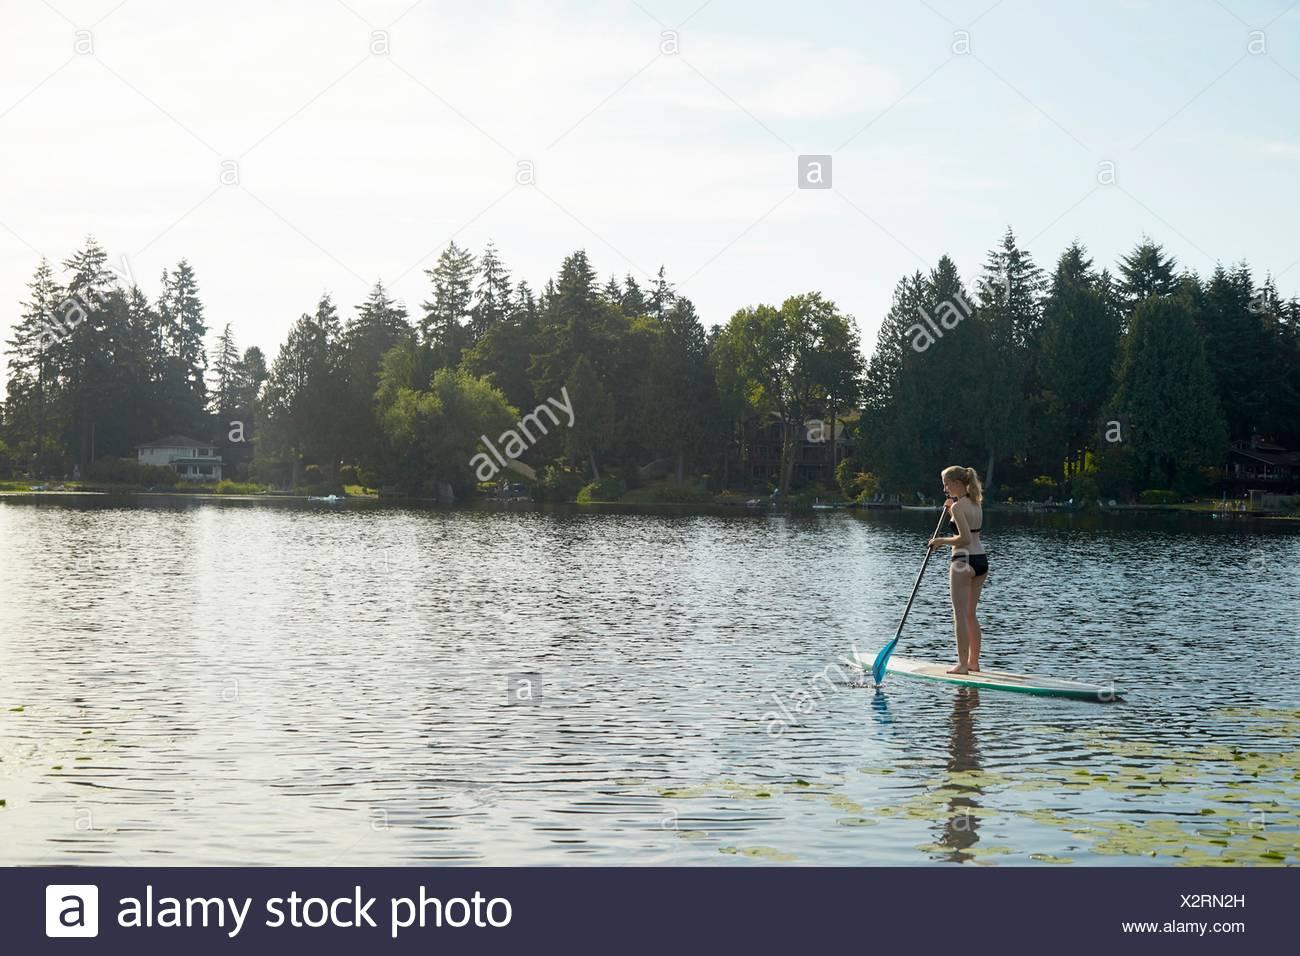 Girl paddling boat in lake, Seattle, Washington, USA - Stock Image